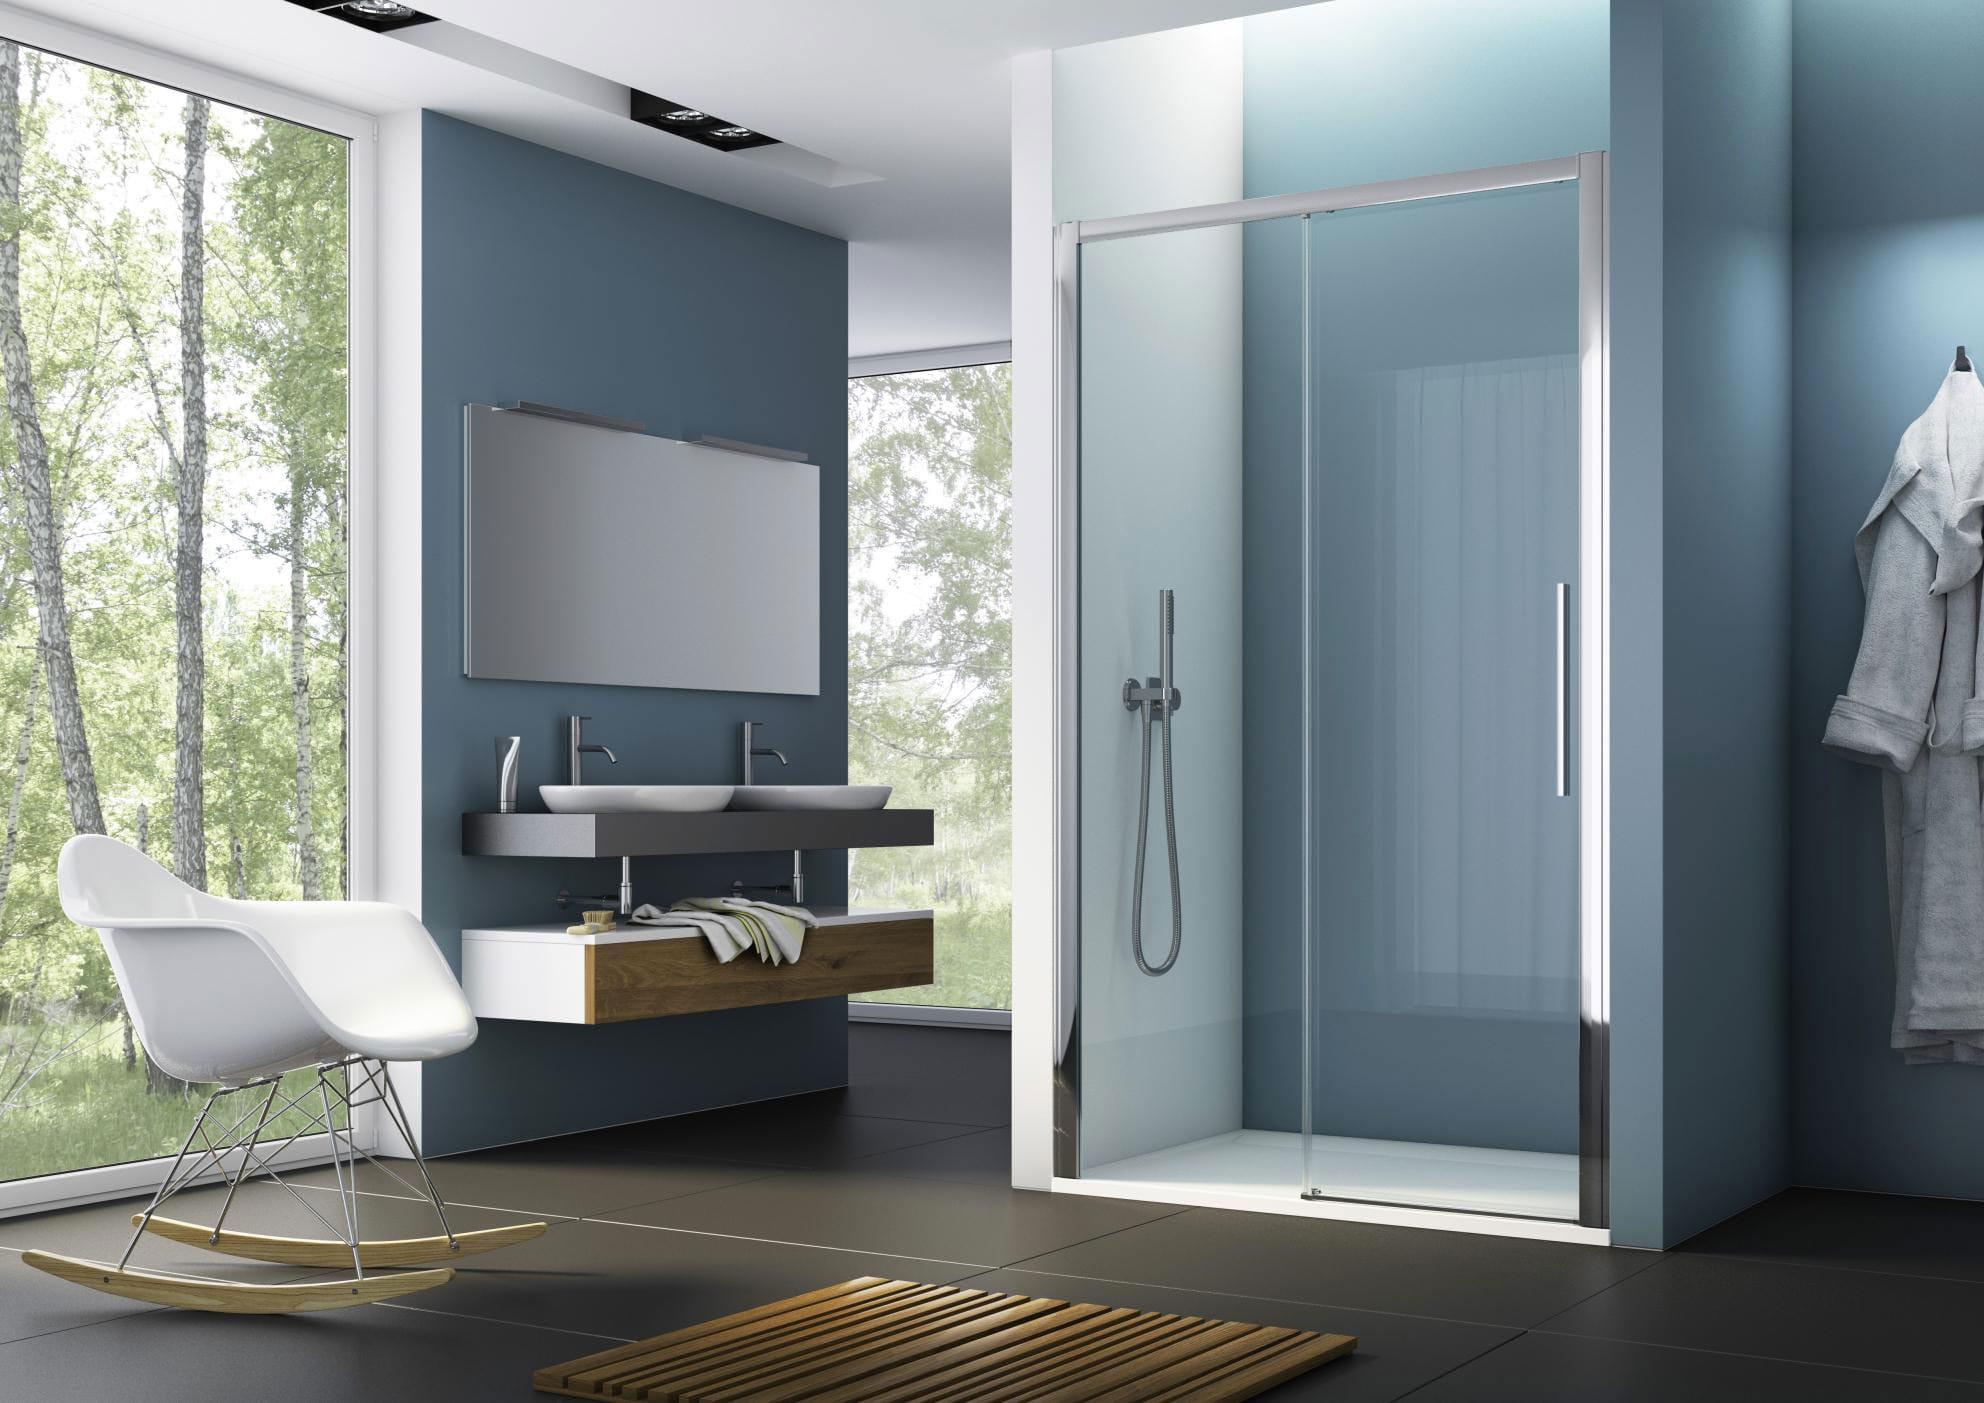 Pourquoi préférer la douche à la baignoire ? - Lapeyre